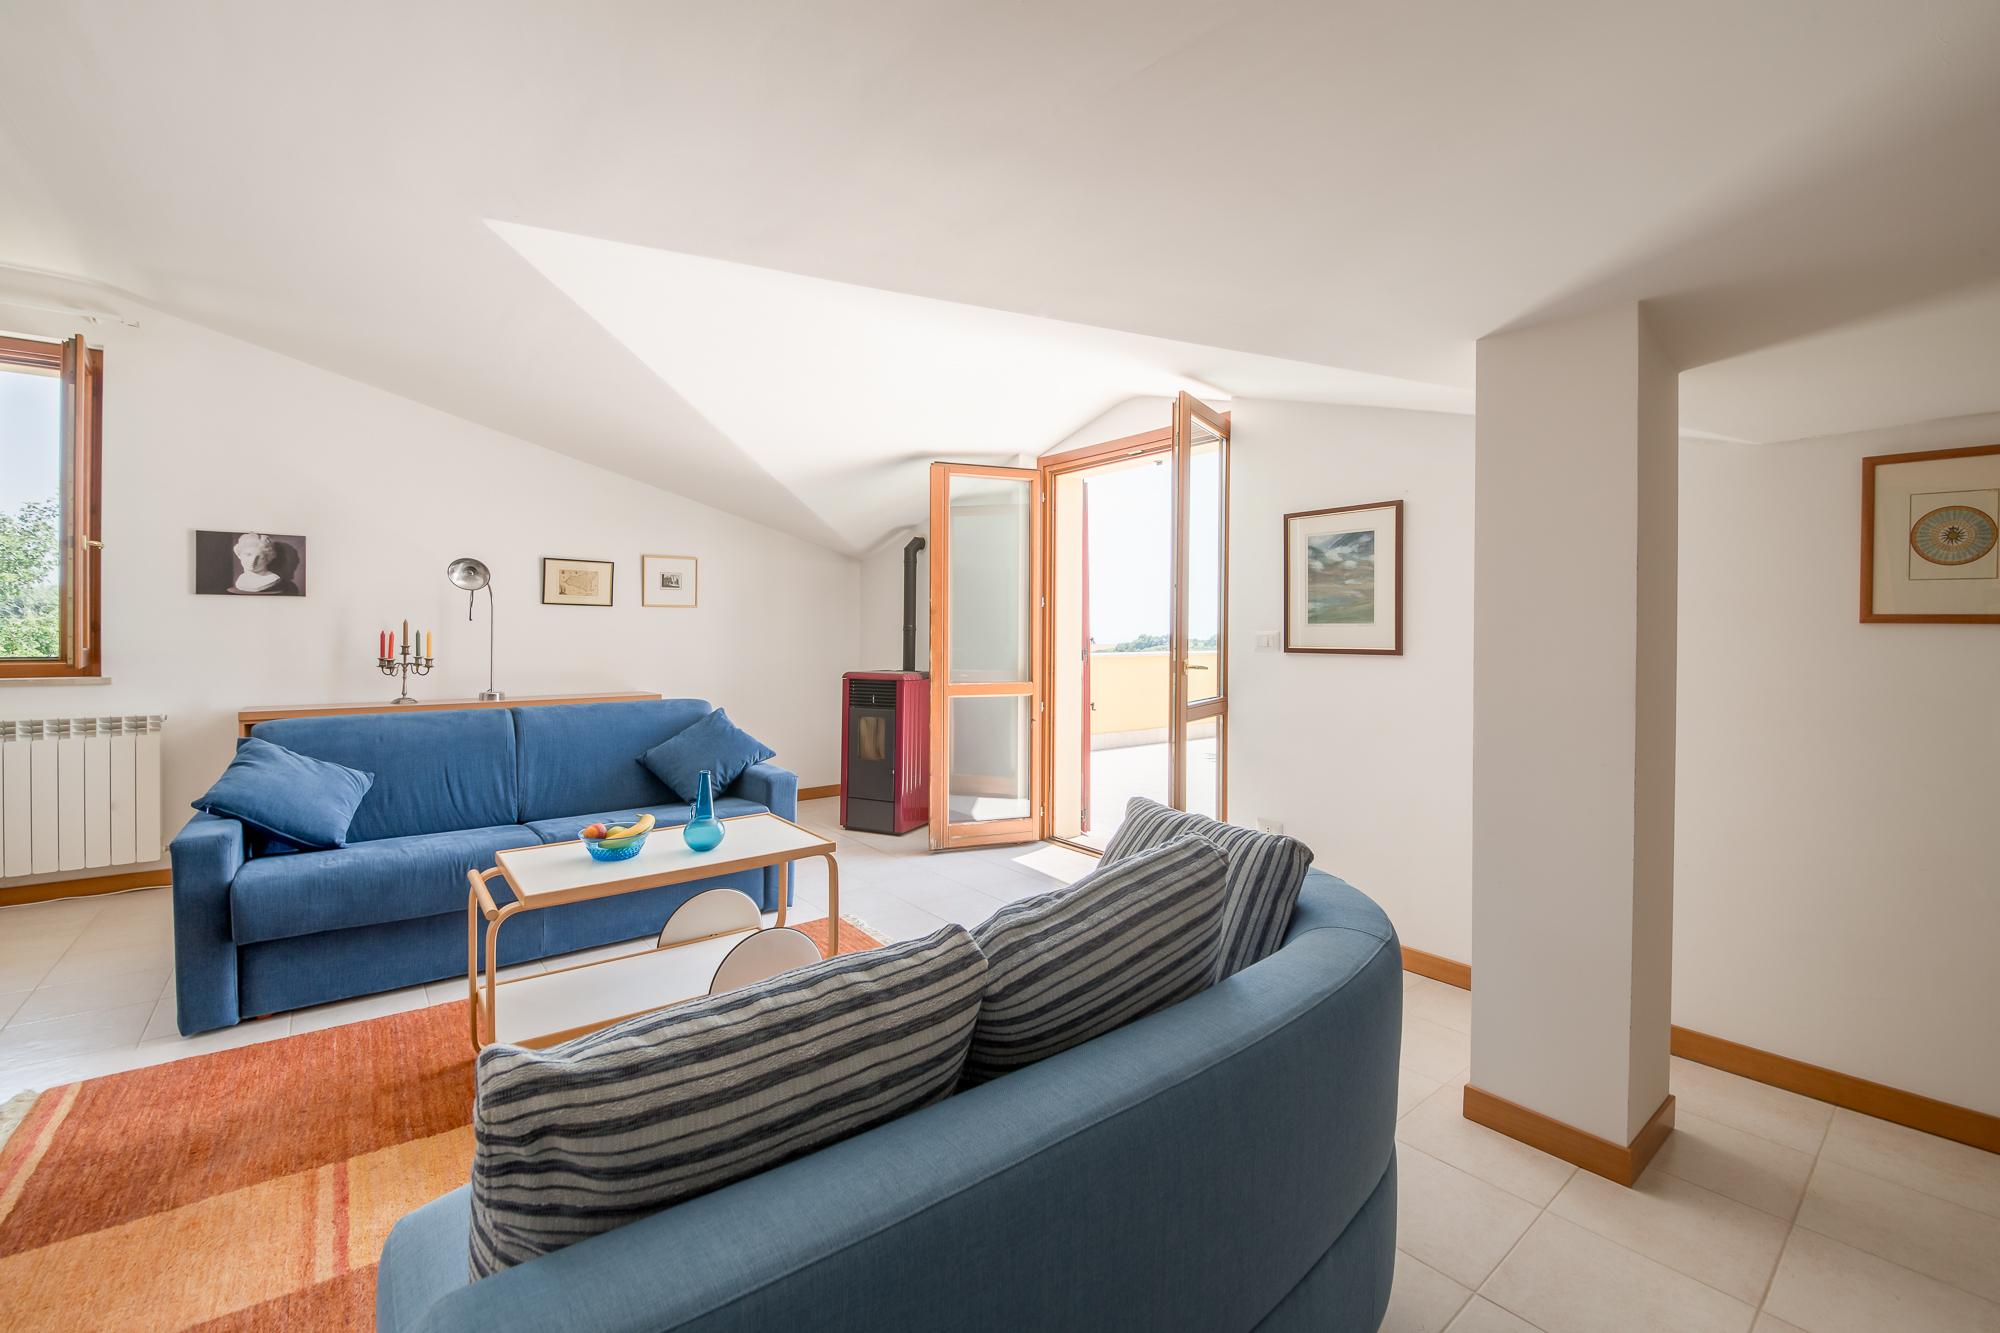 Apartment 120 sq m